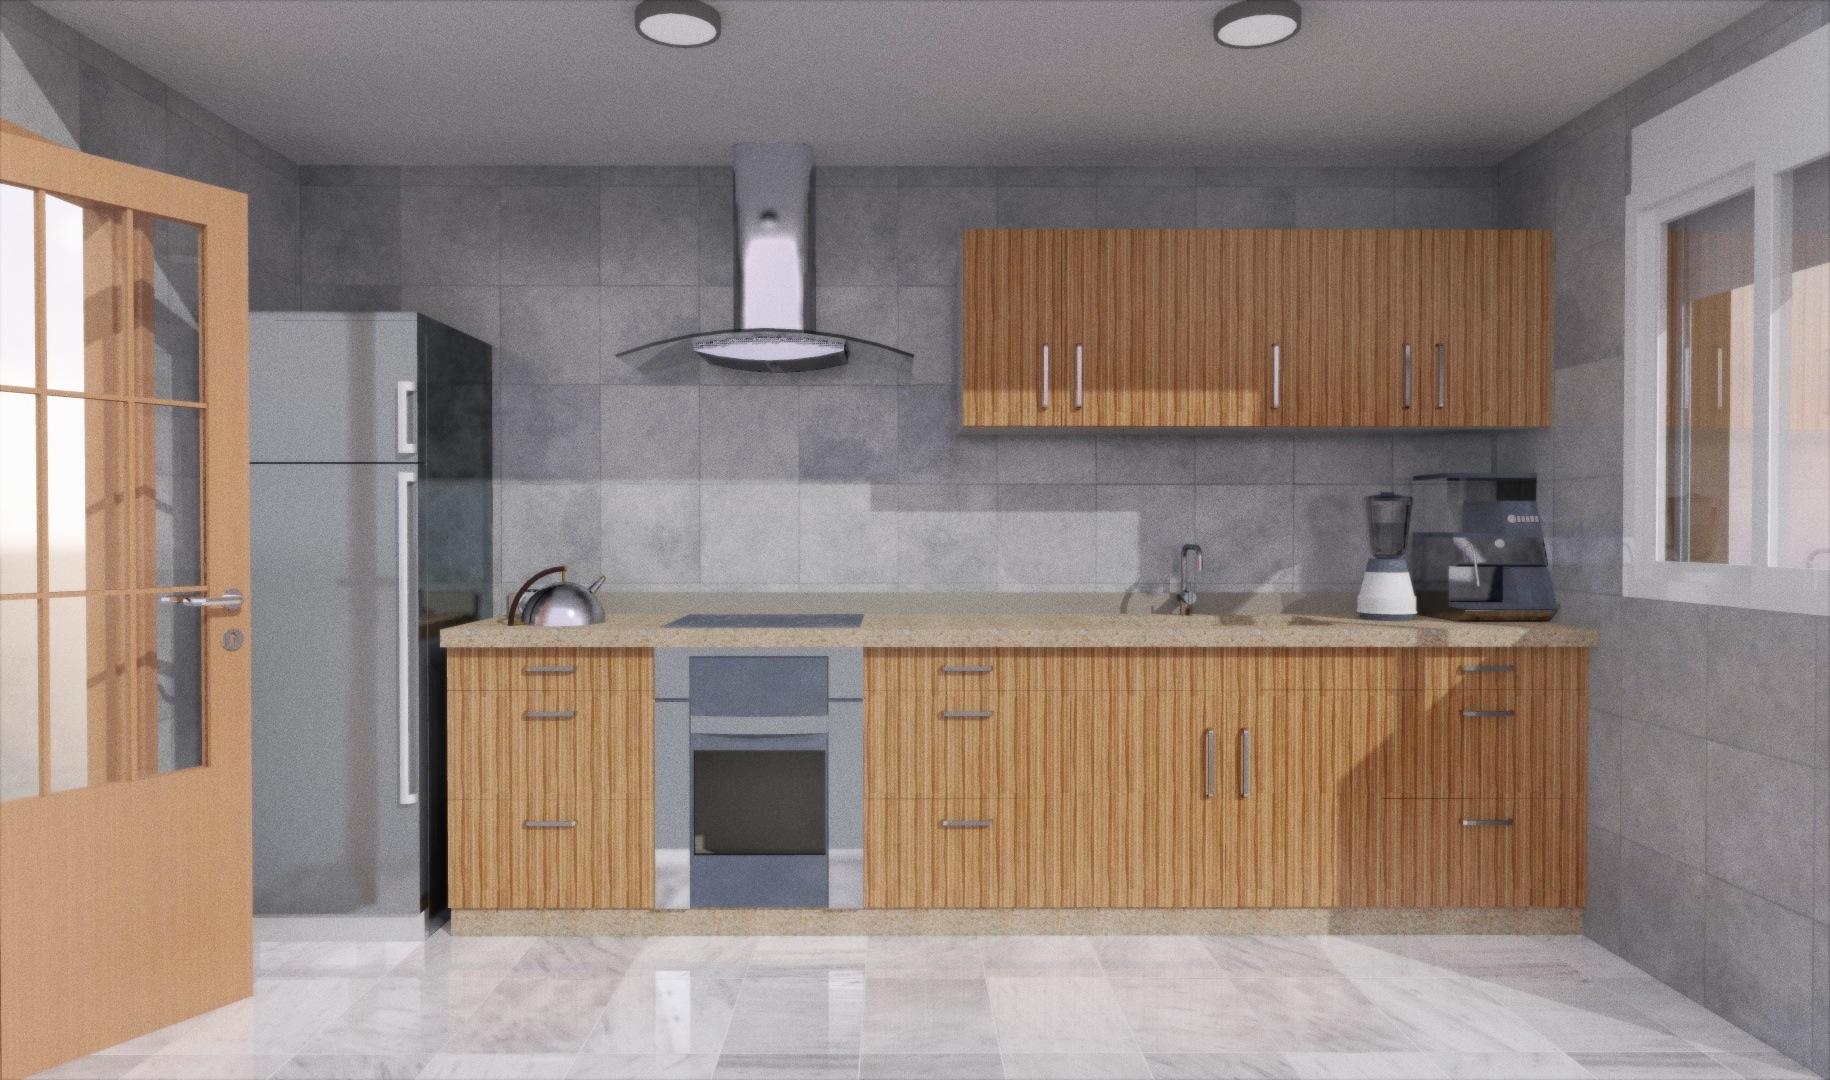 Cuanto mide una cocina garquitectos for Cocinas lineales de cuatro metros